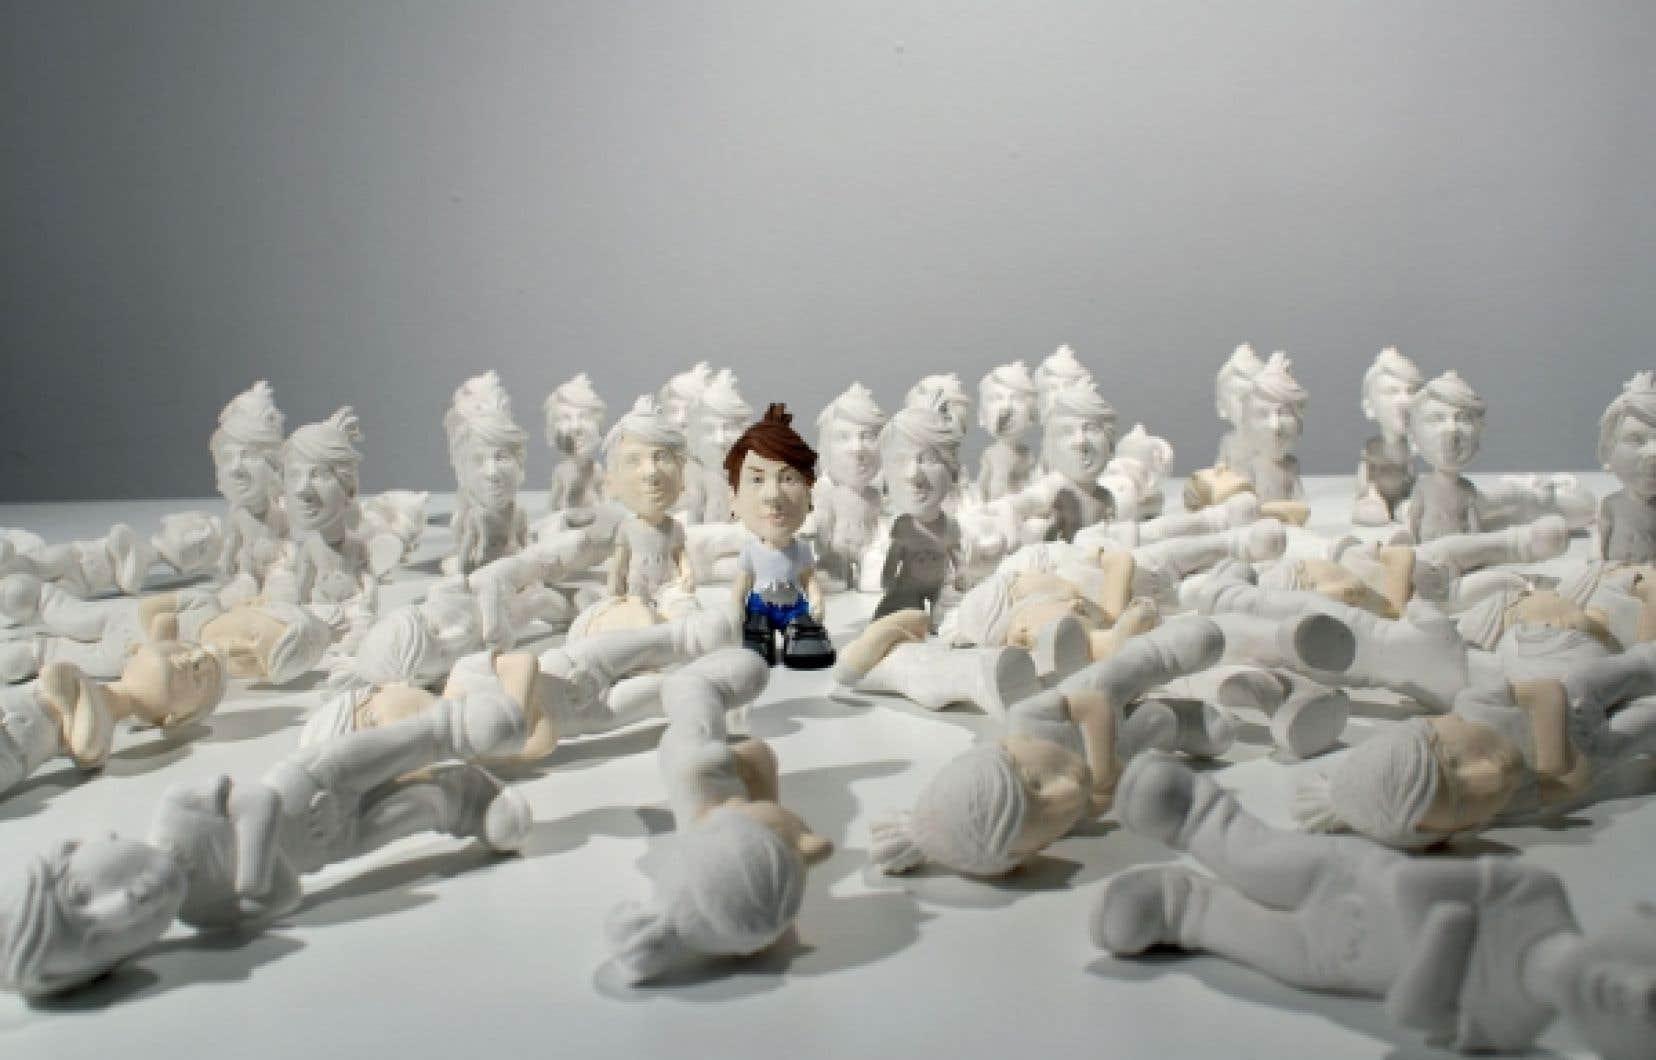 Marie-Pier Théberge, Figurines deux point zéro Artisme, 2012